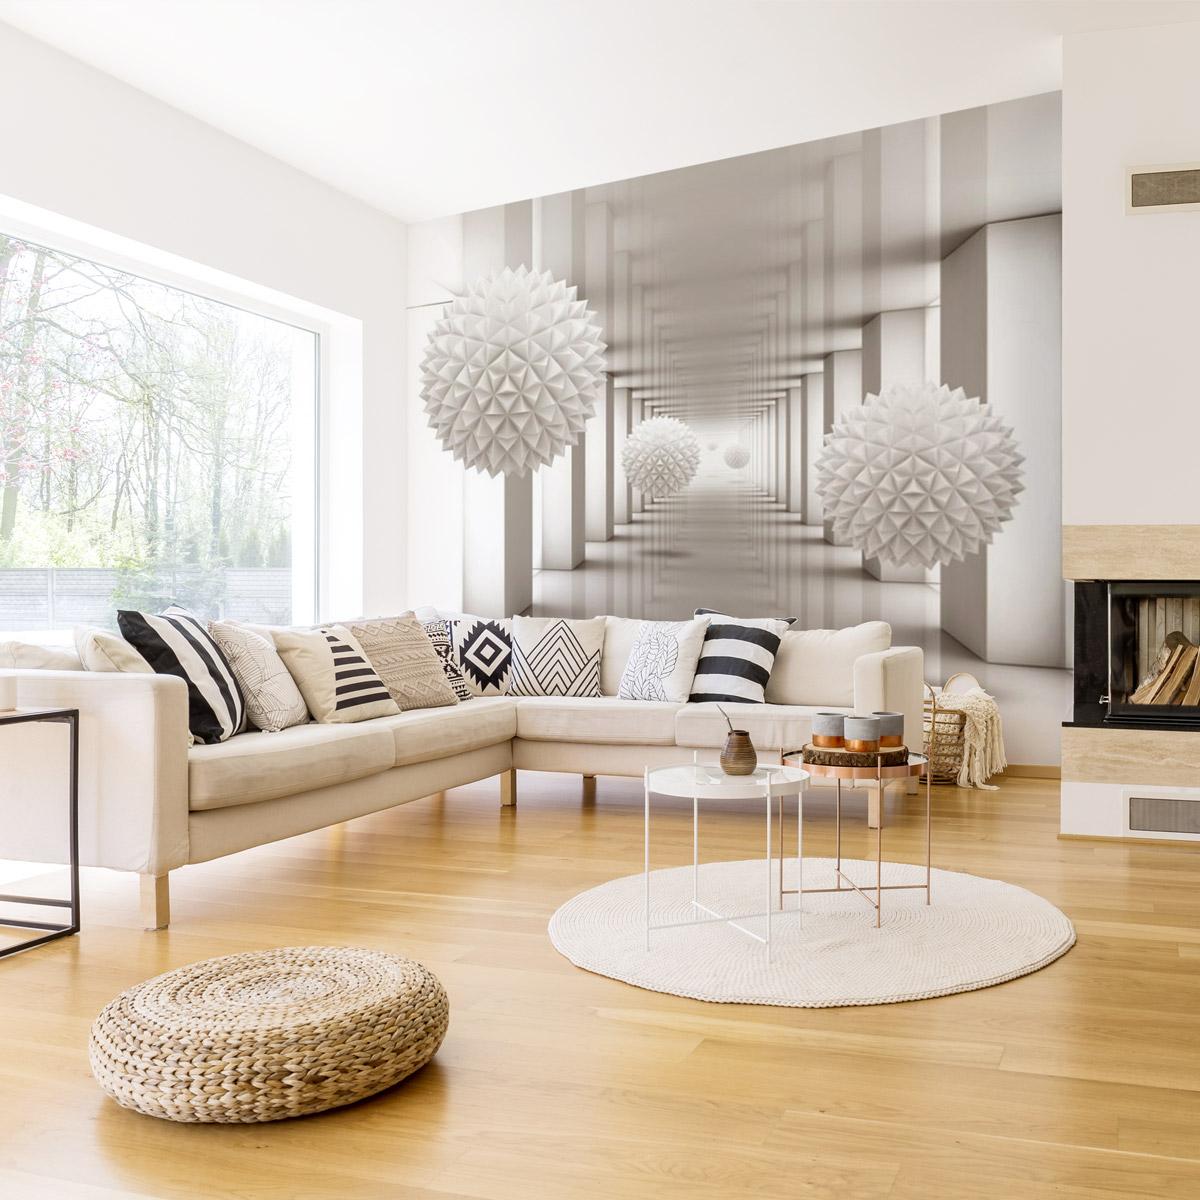 papier peint 3d une d coration murale pour cr er l 39 effet de l 39 illusion. Black Bedroom Furniture Sets. Home Design Ideas